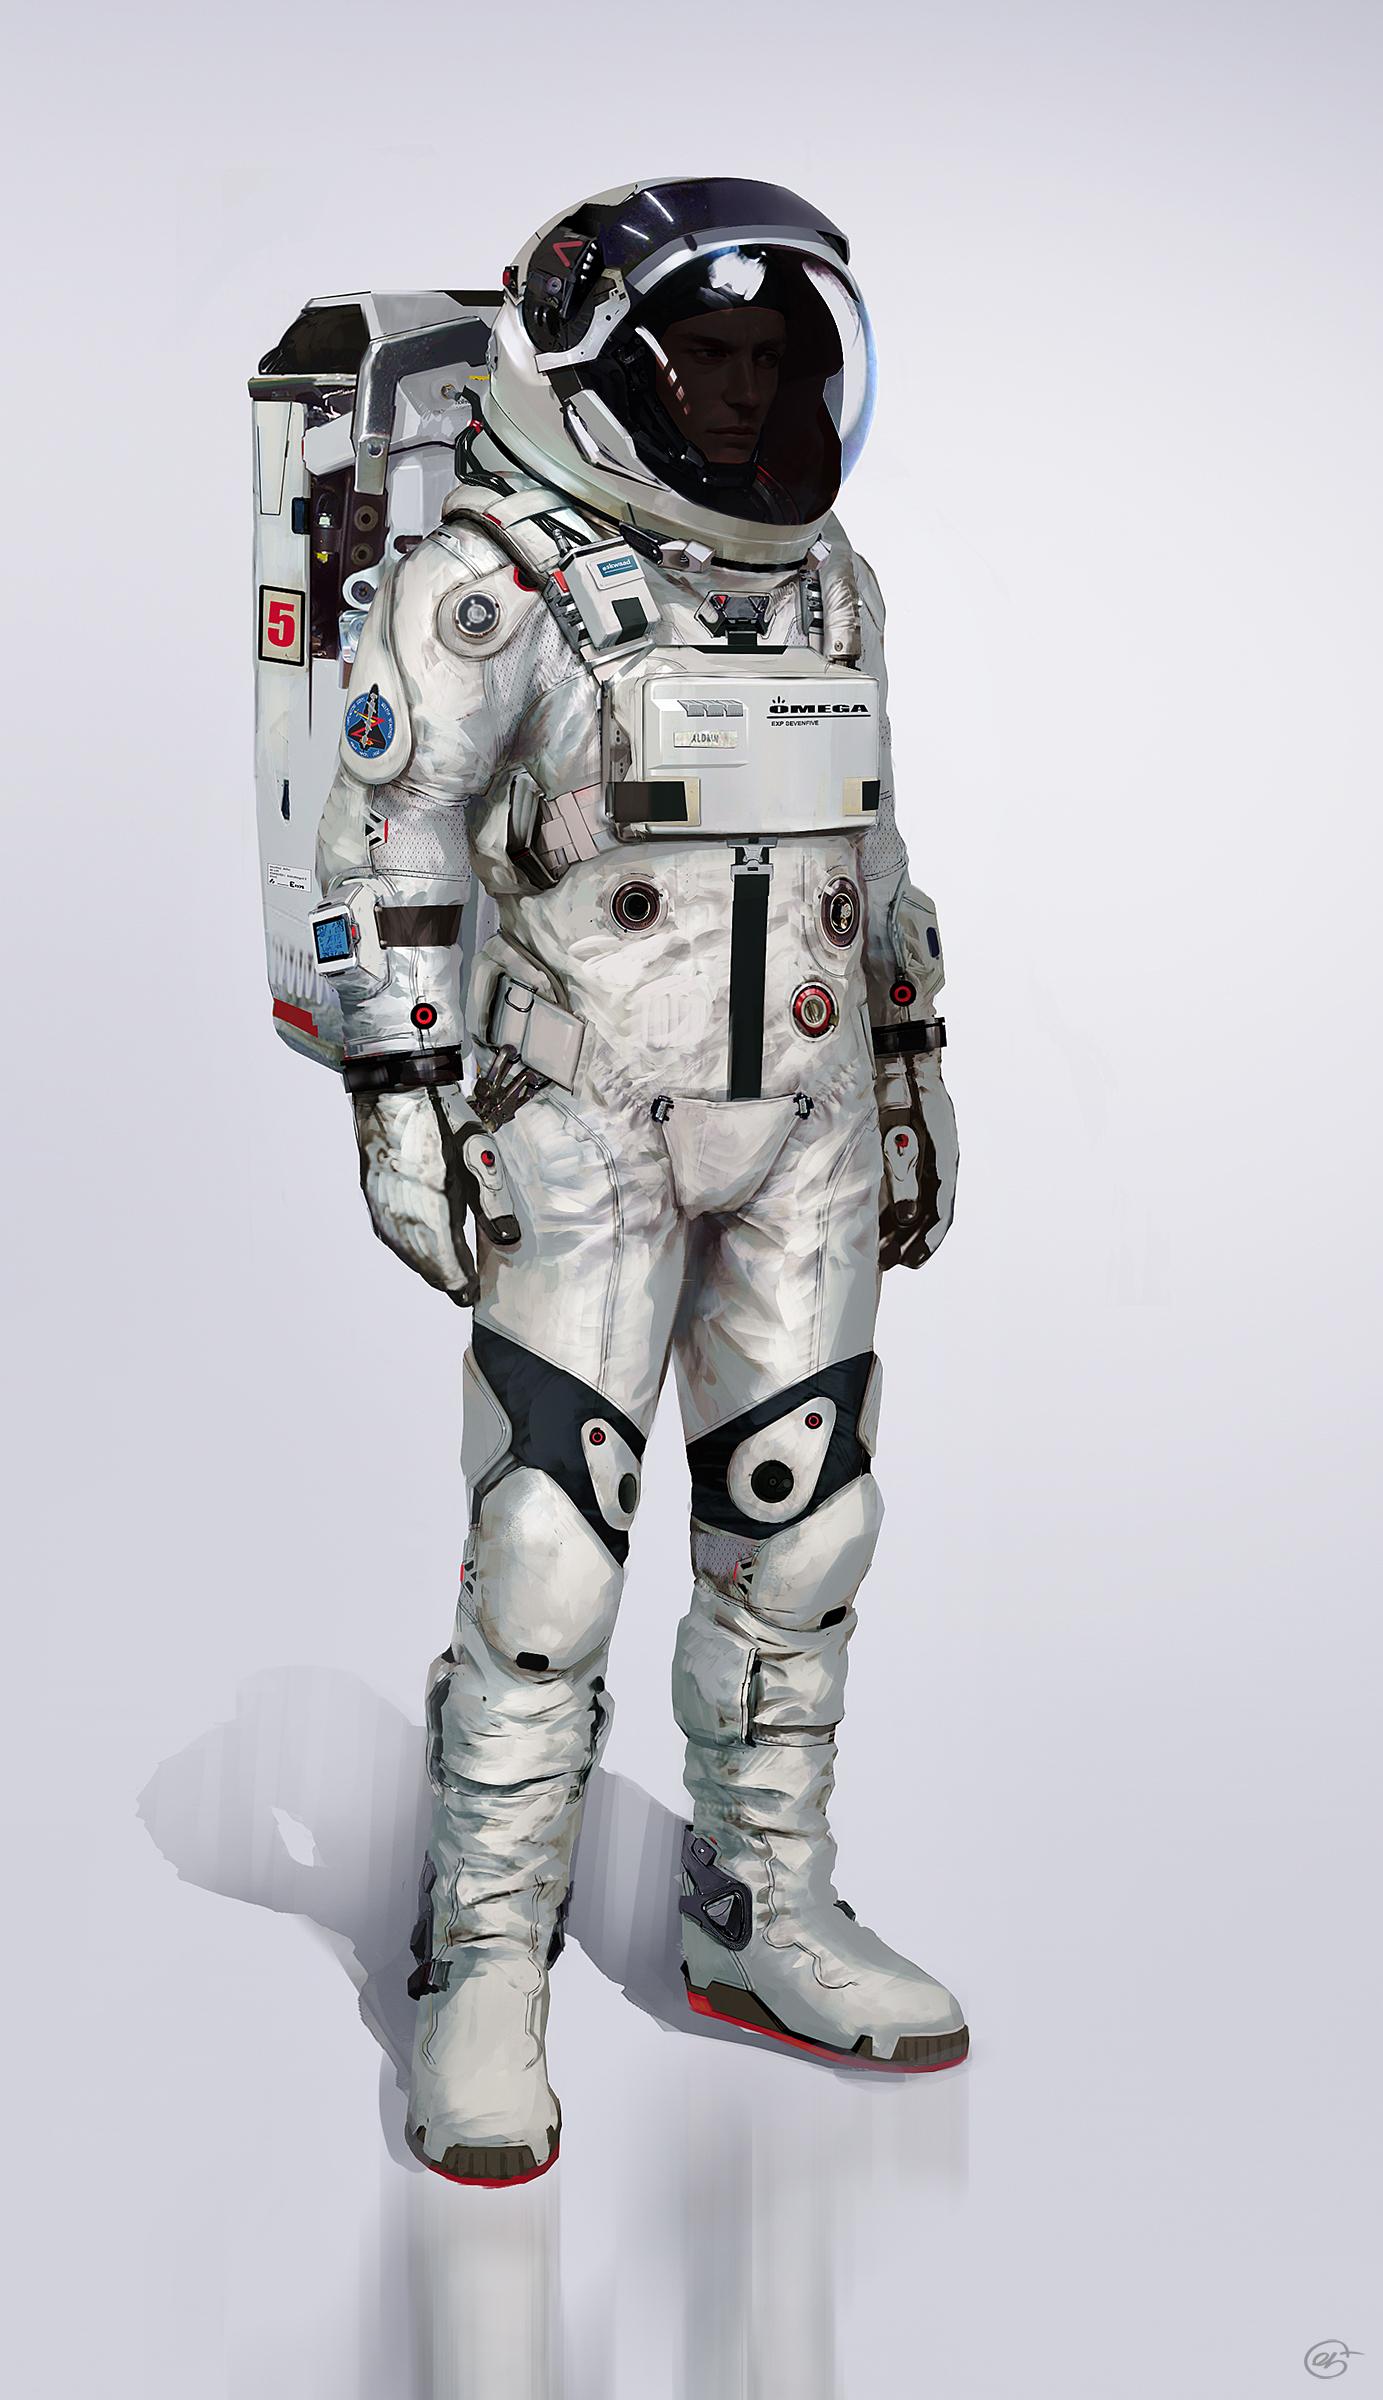 astronaut in suit - 736×1310